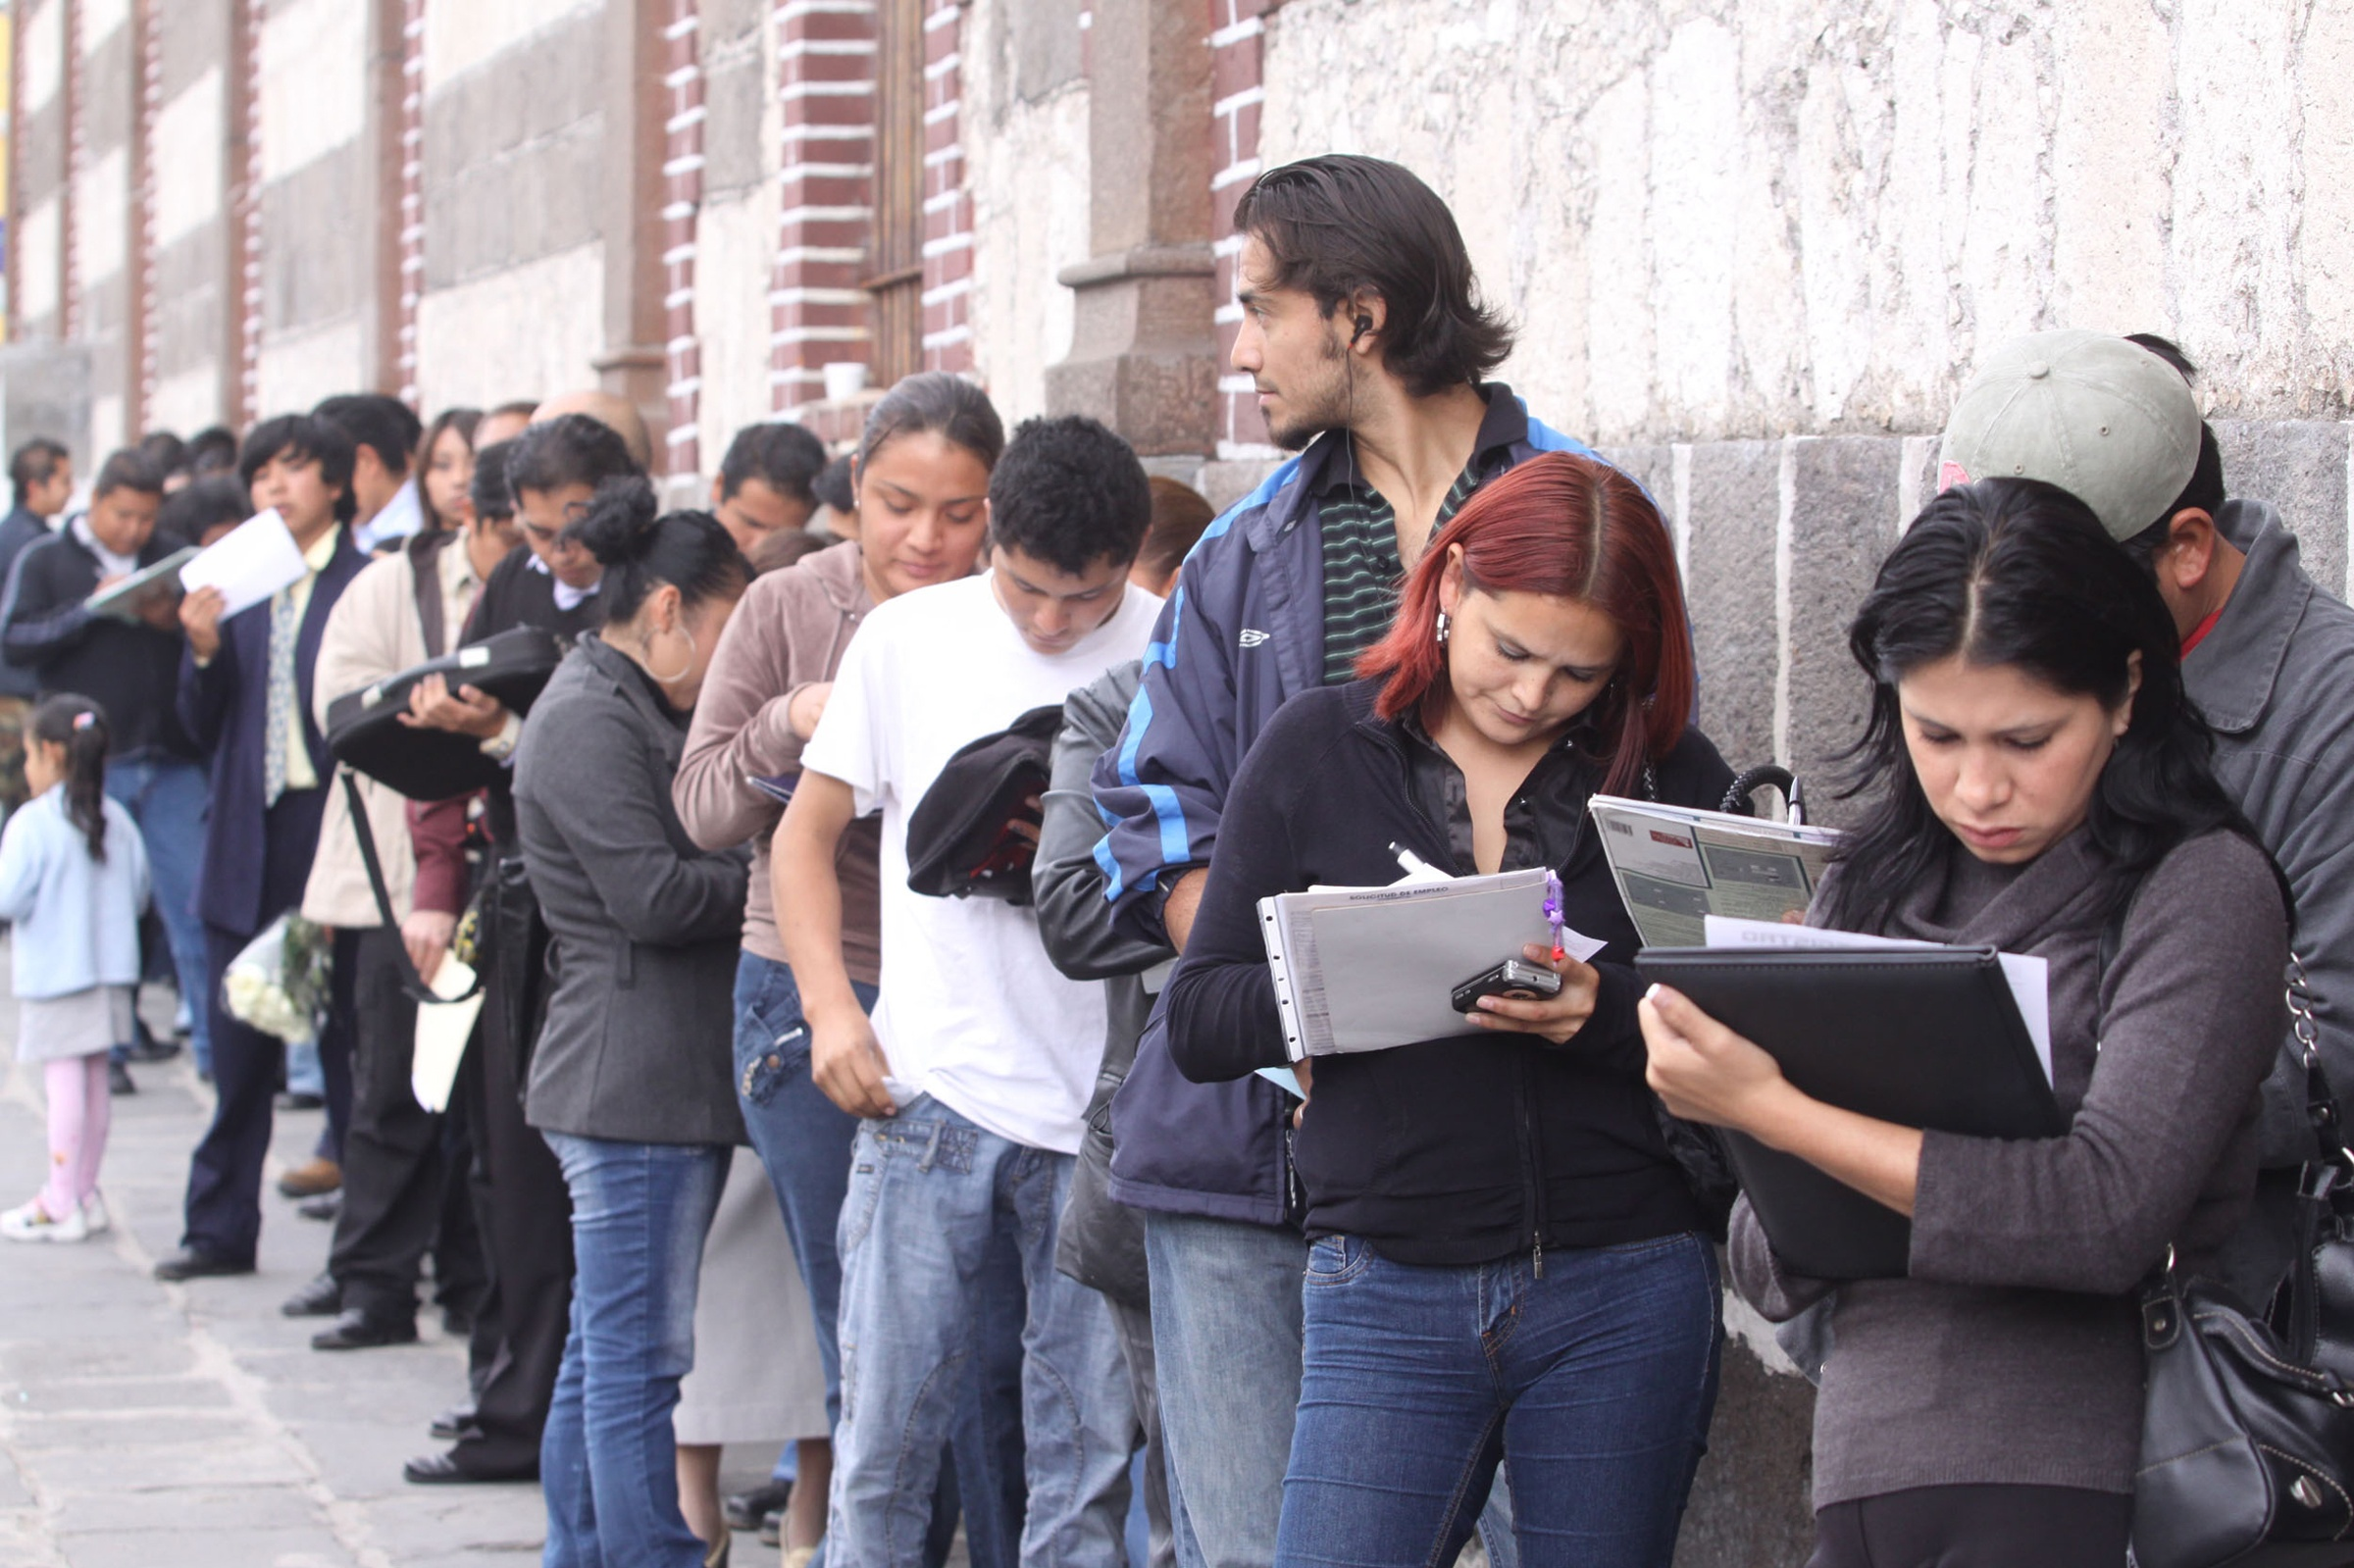 PUE00907140. Inicia la Tercera Feria del Empleo 2010 con la participación de 86 empresas que ofrecen mil 500 vacantes, en la explanada de la Casa de la Juventud de la ciudad de Puebla.  NOTIMEX/FOTO/CARLOS PACHECO/CPP/HUM/